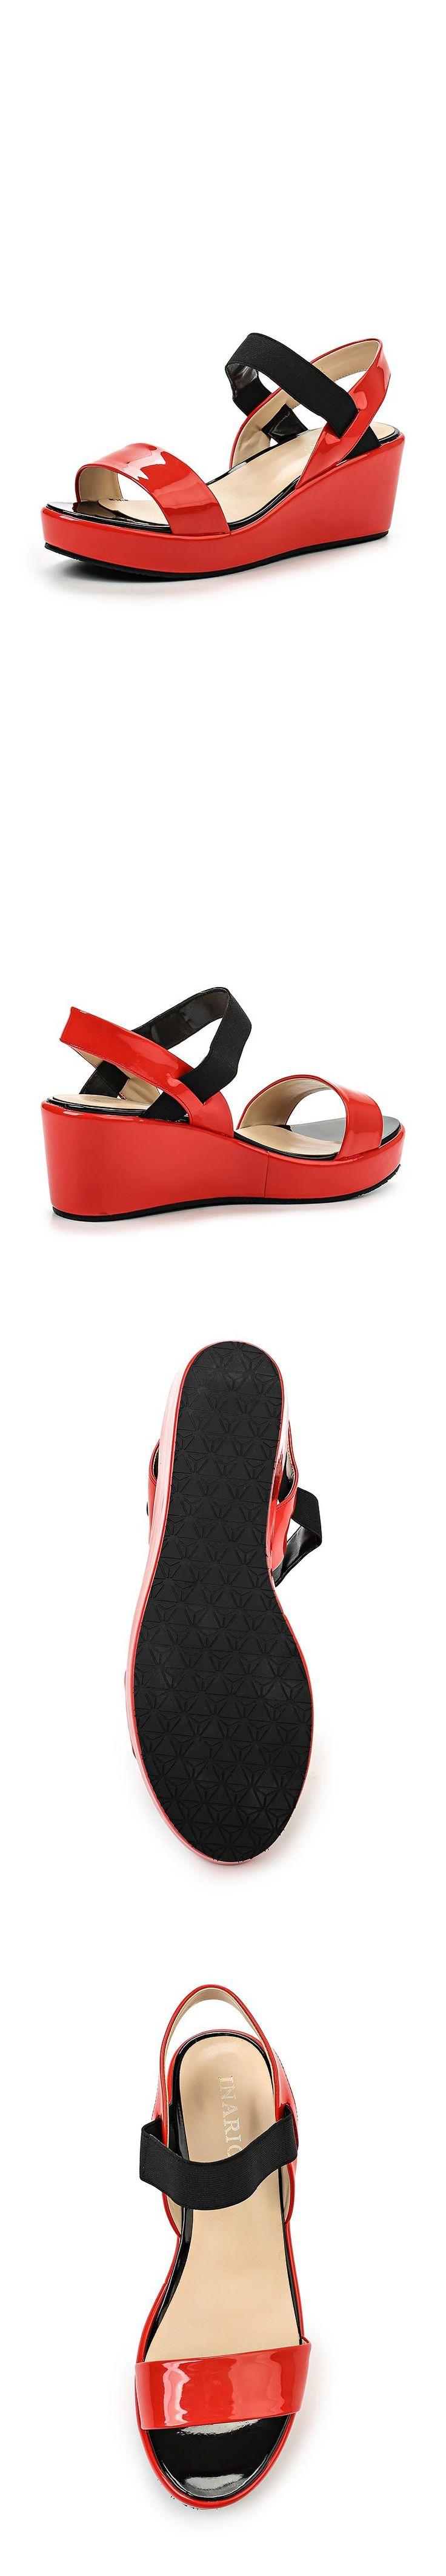 Женская обувь босоножки Inario за 2990.00 руб.